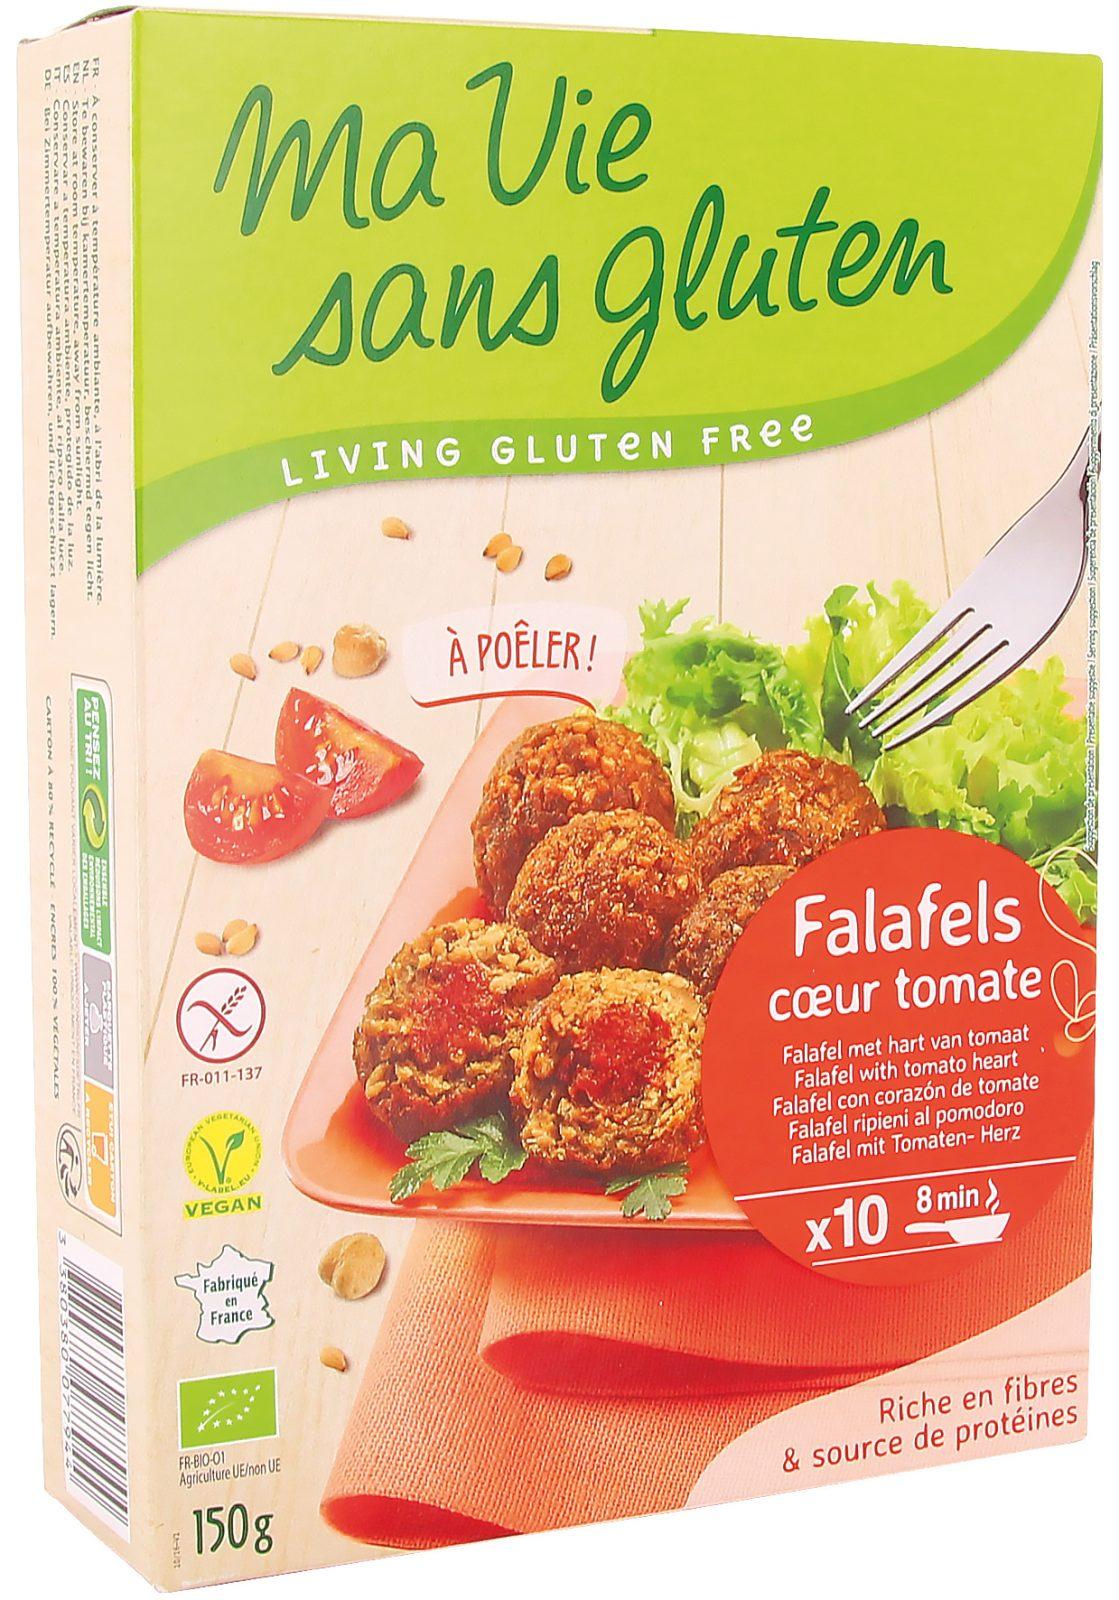 Ma vie sans gluten - Falafels - Falafels coeur tomate - 150g